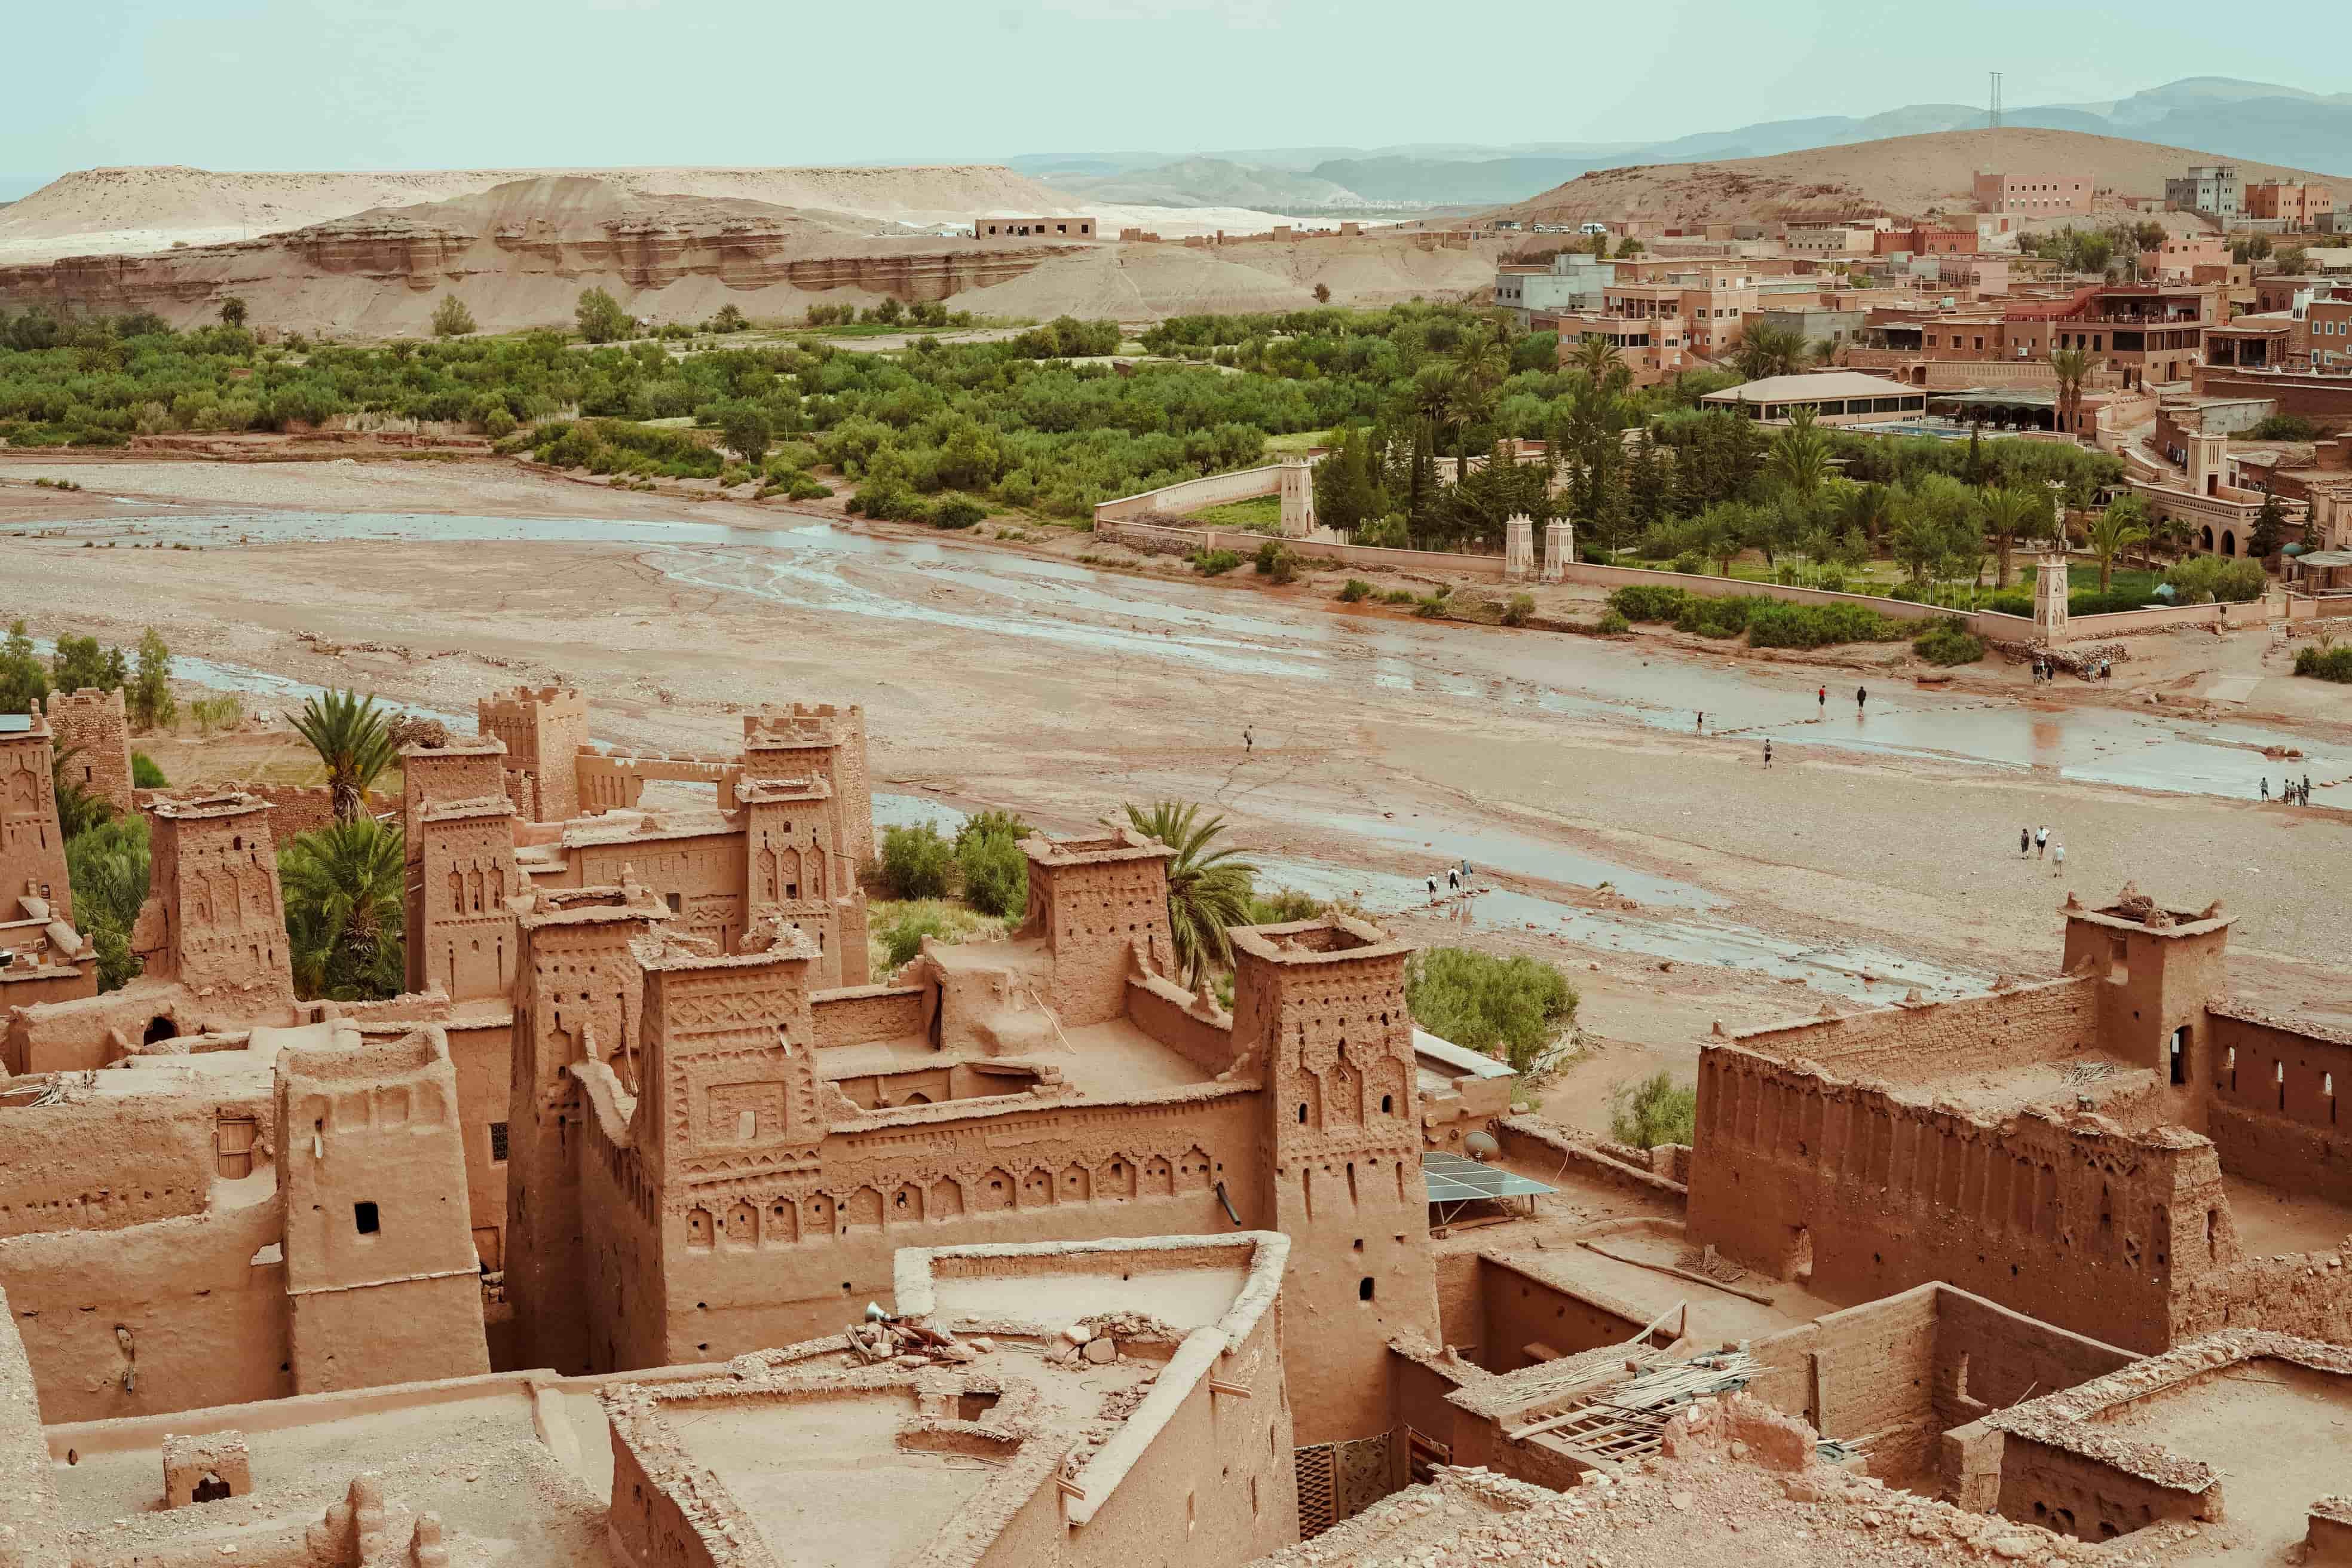 Marrakech. Lujo gastronómico. Nuba everywhere. Ait benhaddou